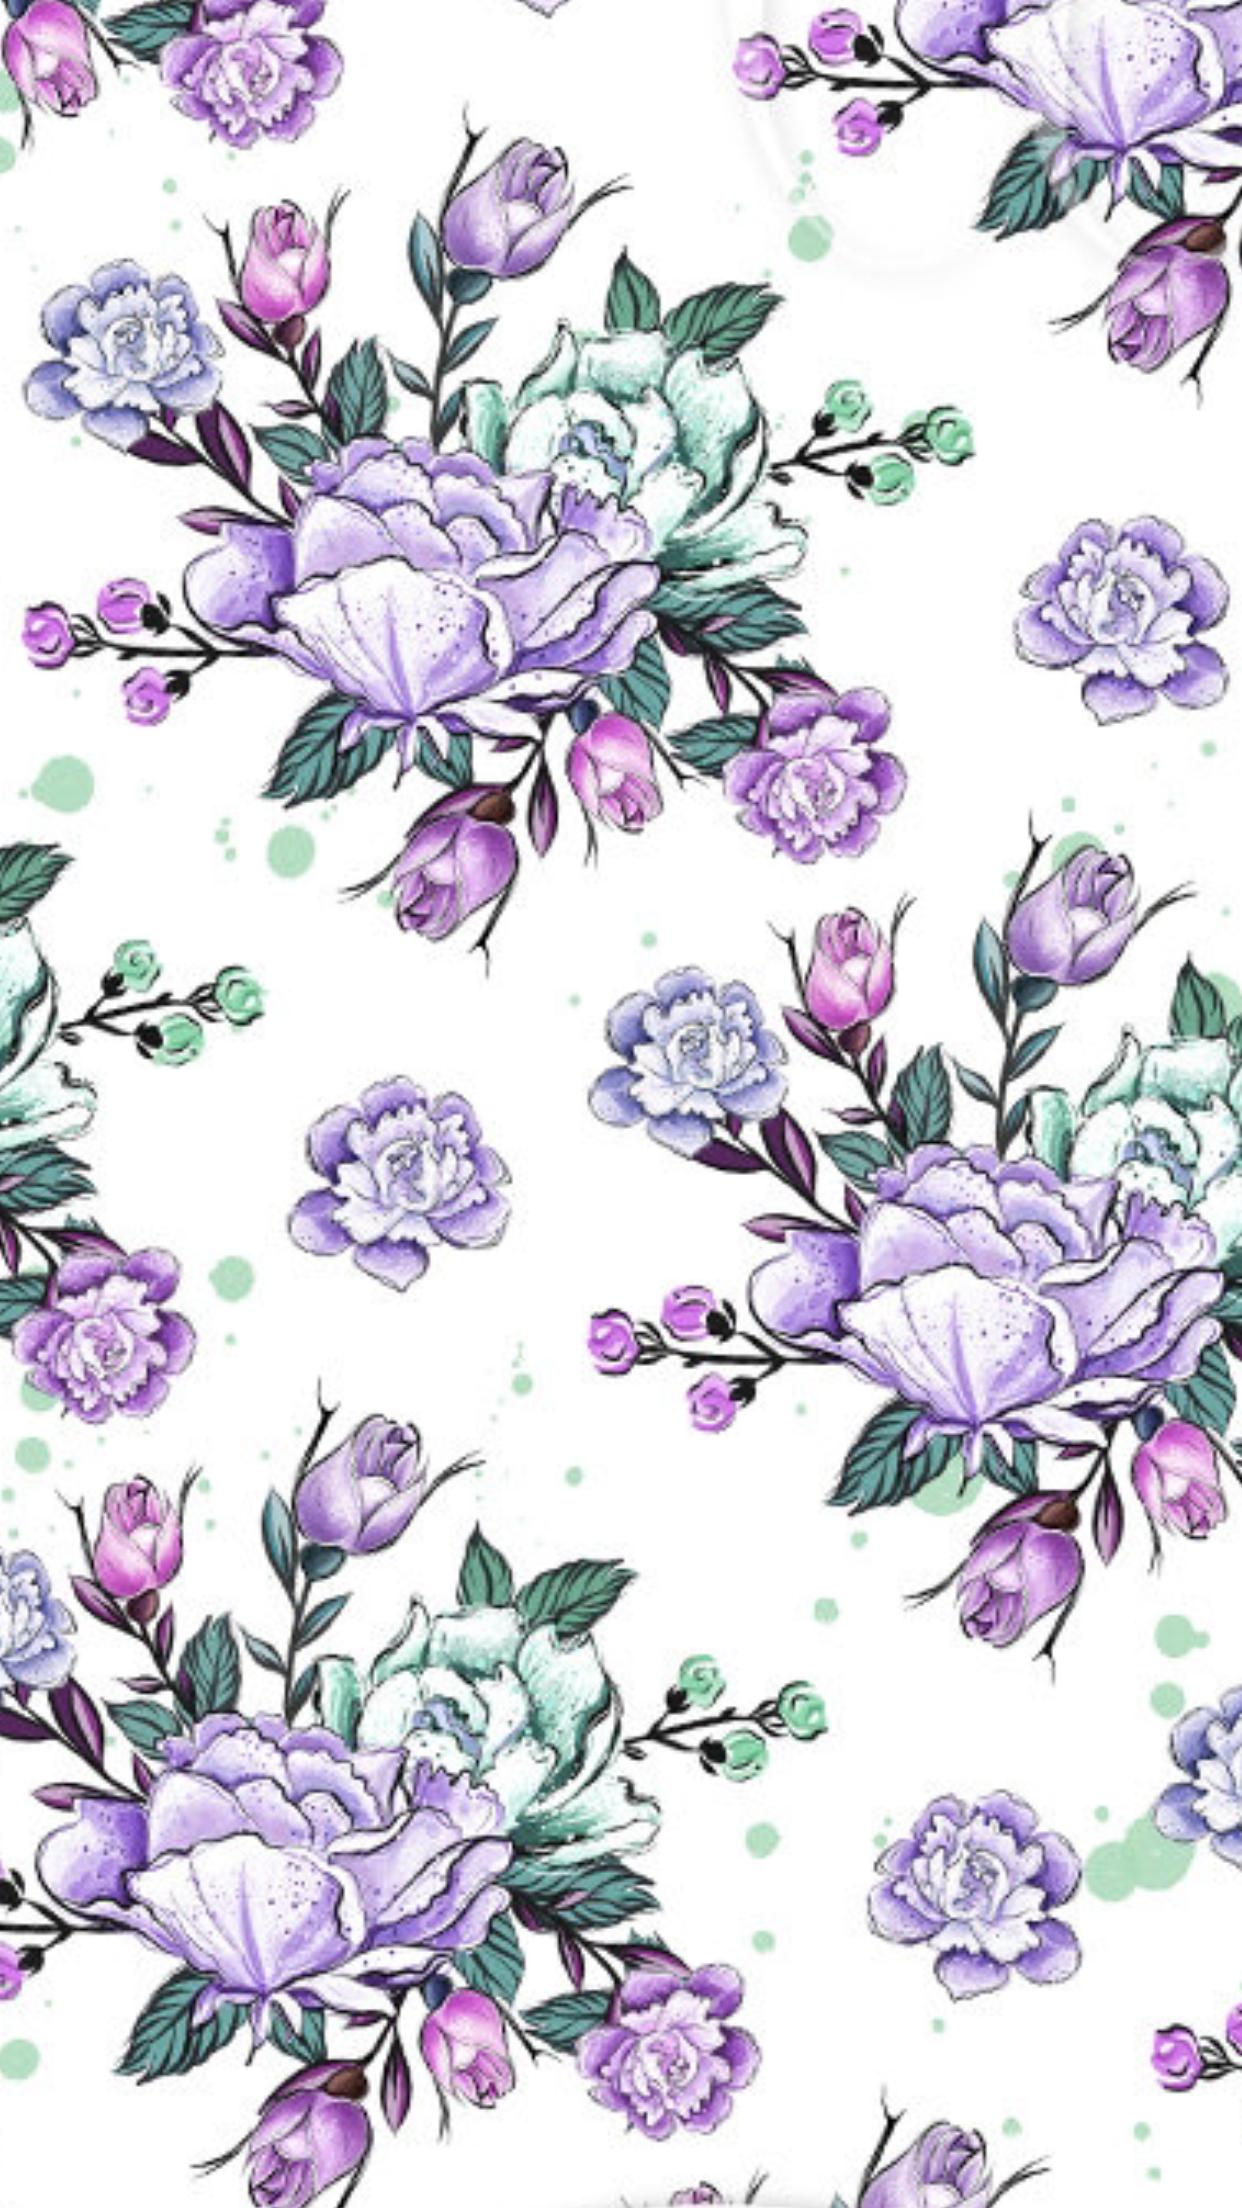 Pin by Sara Alzarouni on Pattern & Theme in 2019